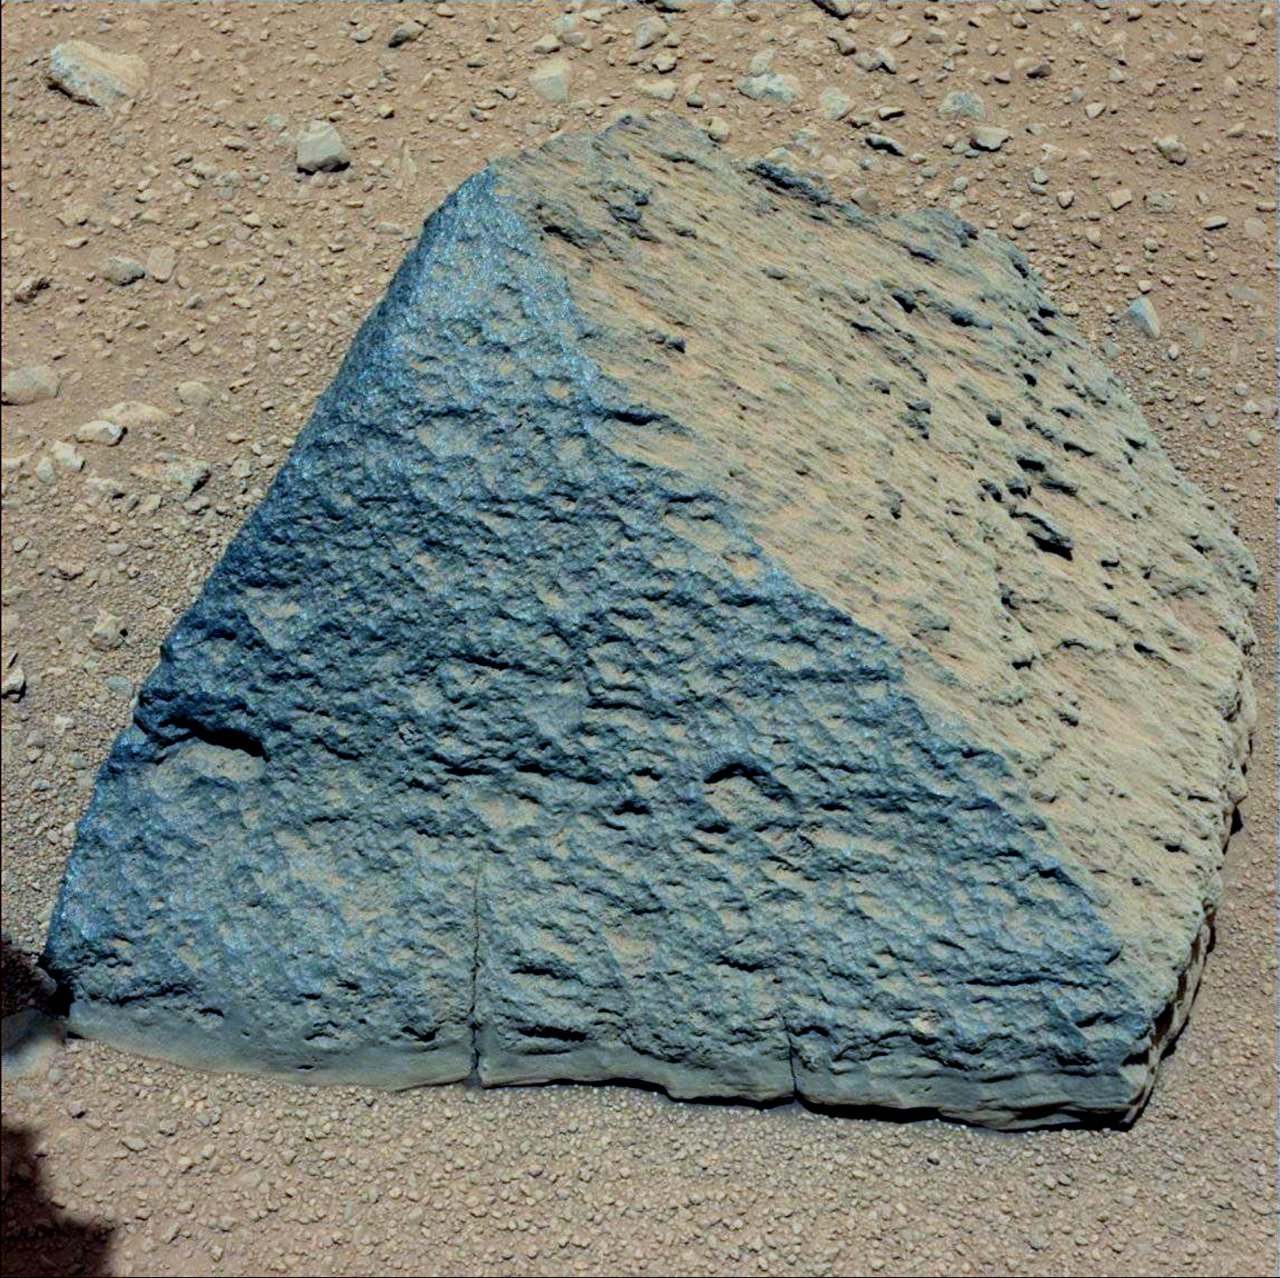 Zdjęcia z powierzchni Marsa 17